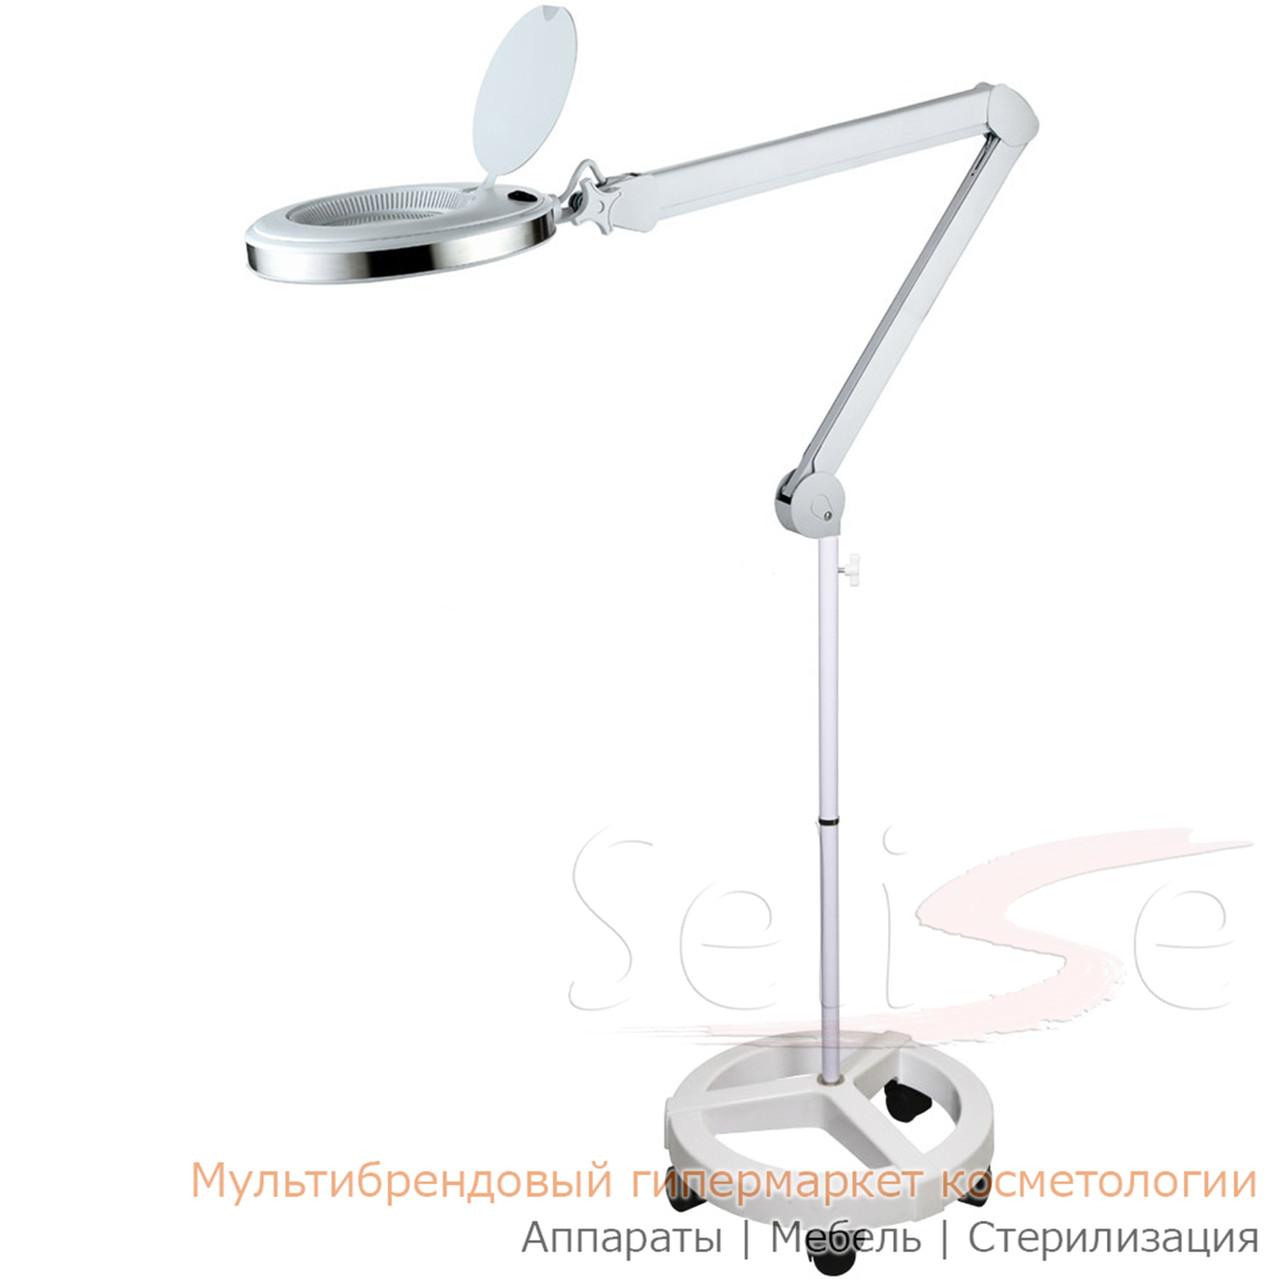 Лампа лупа на штативе 6023 круглый SMP-2 для косметолога, для наращивания ресниц